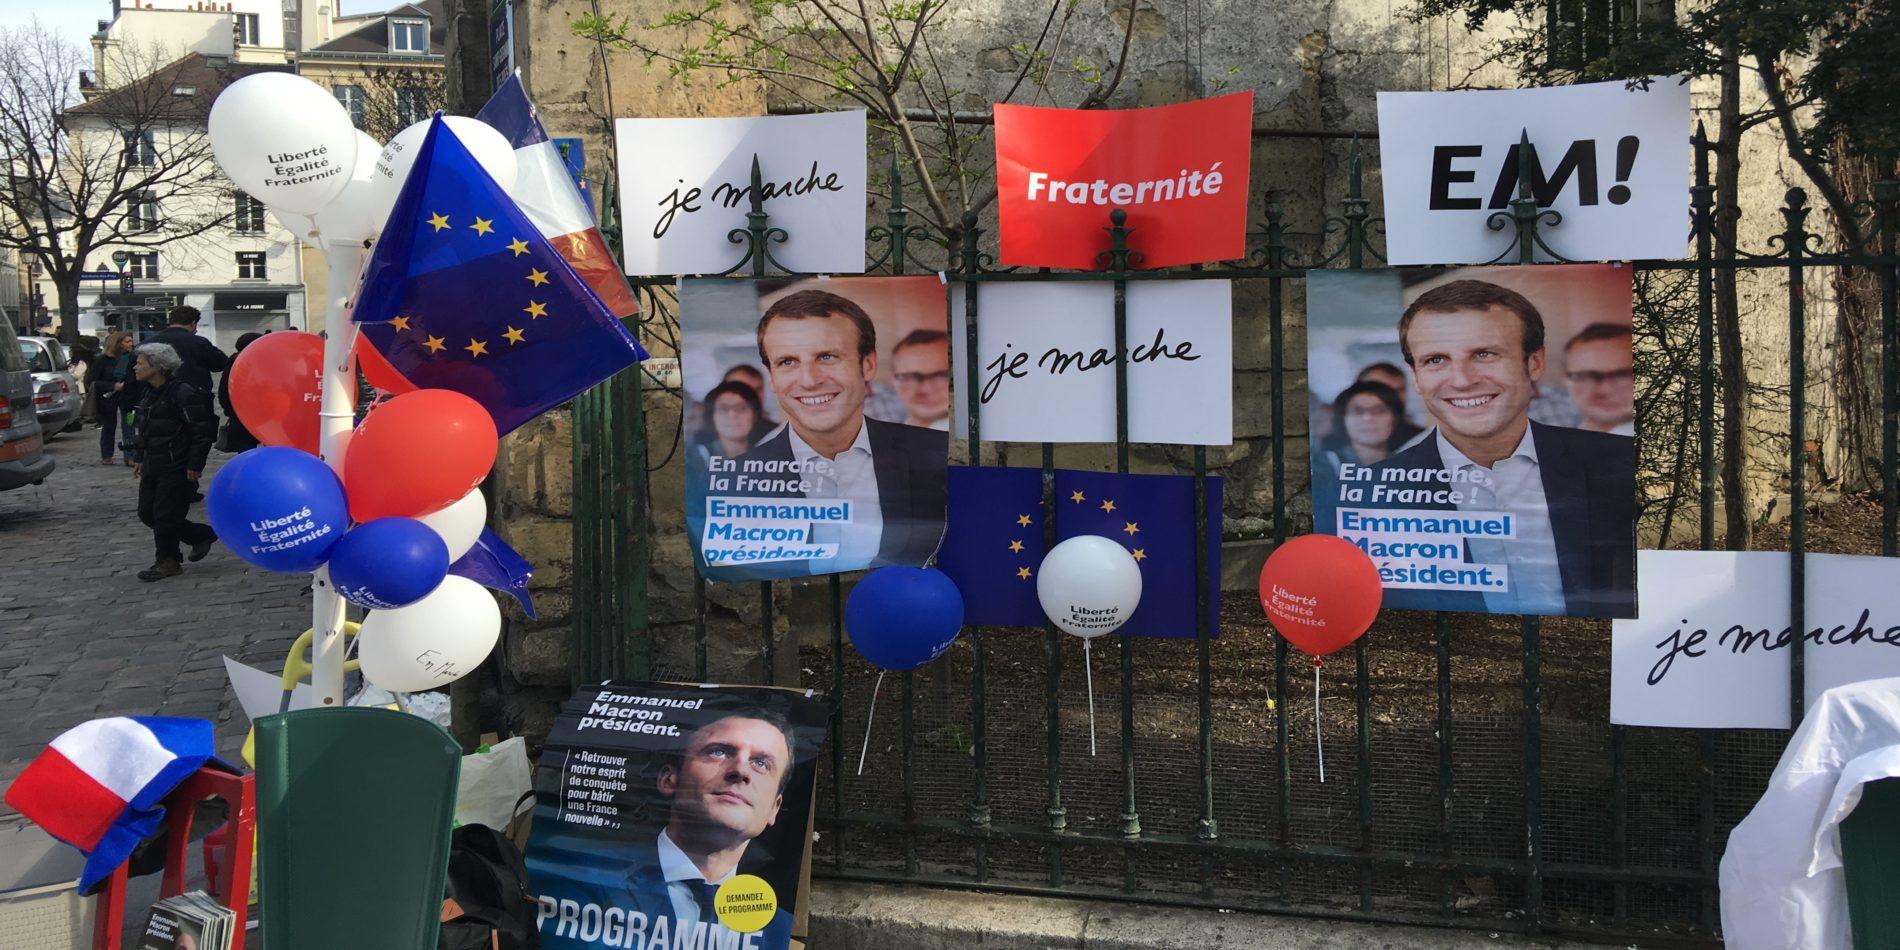 Emmanuel Macron kandydat program